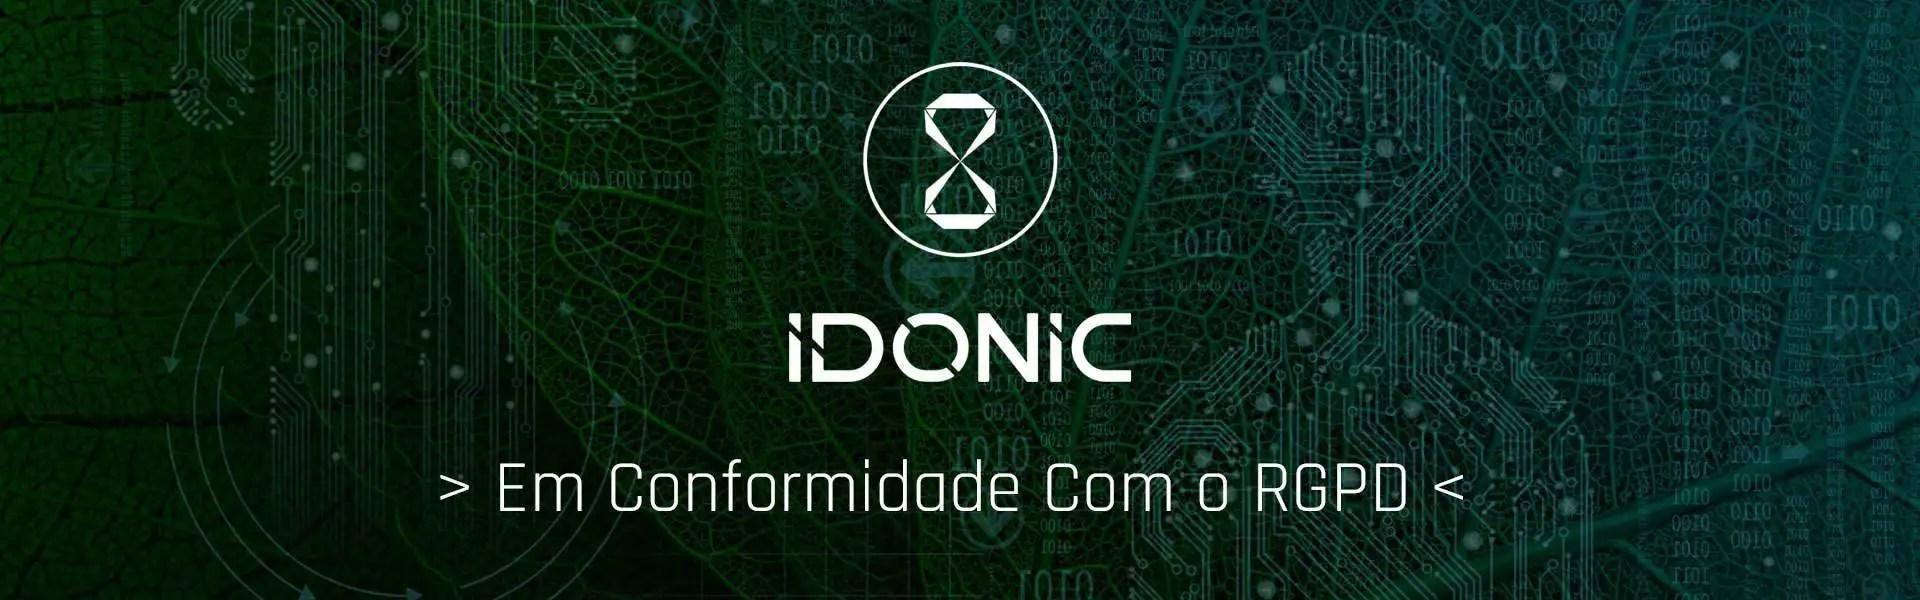 idonic-rgpd-protecao-dados-biometricos